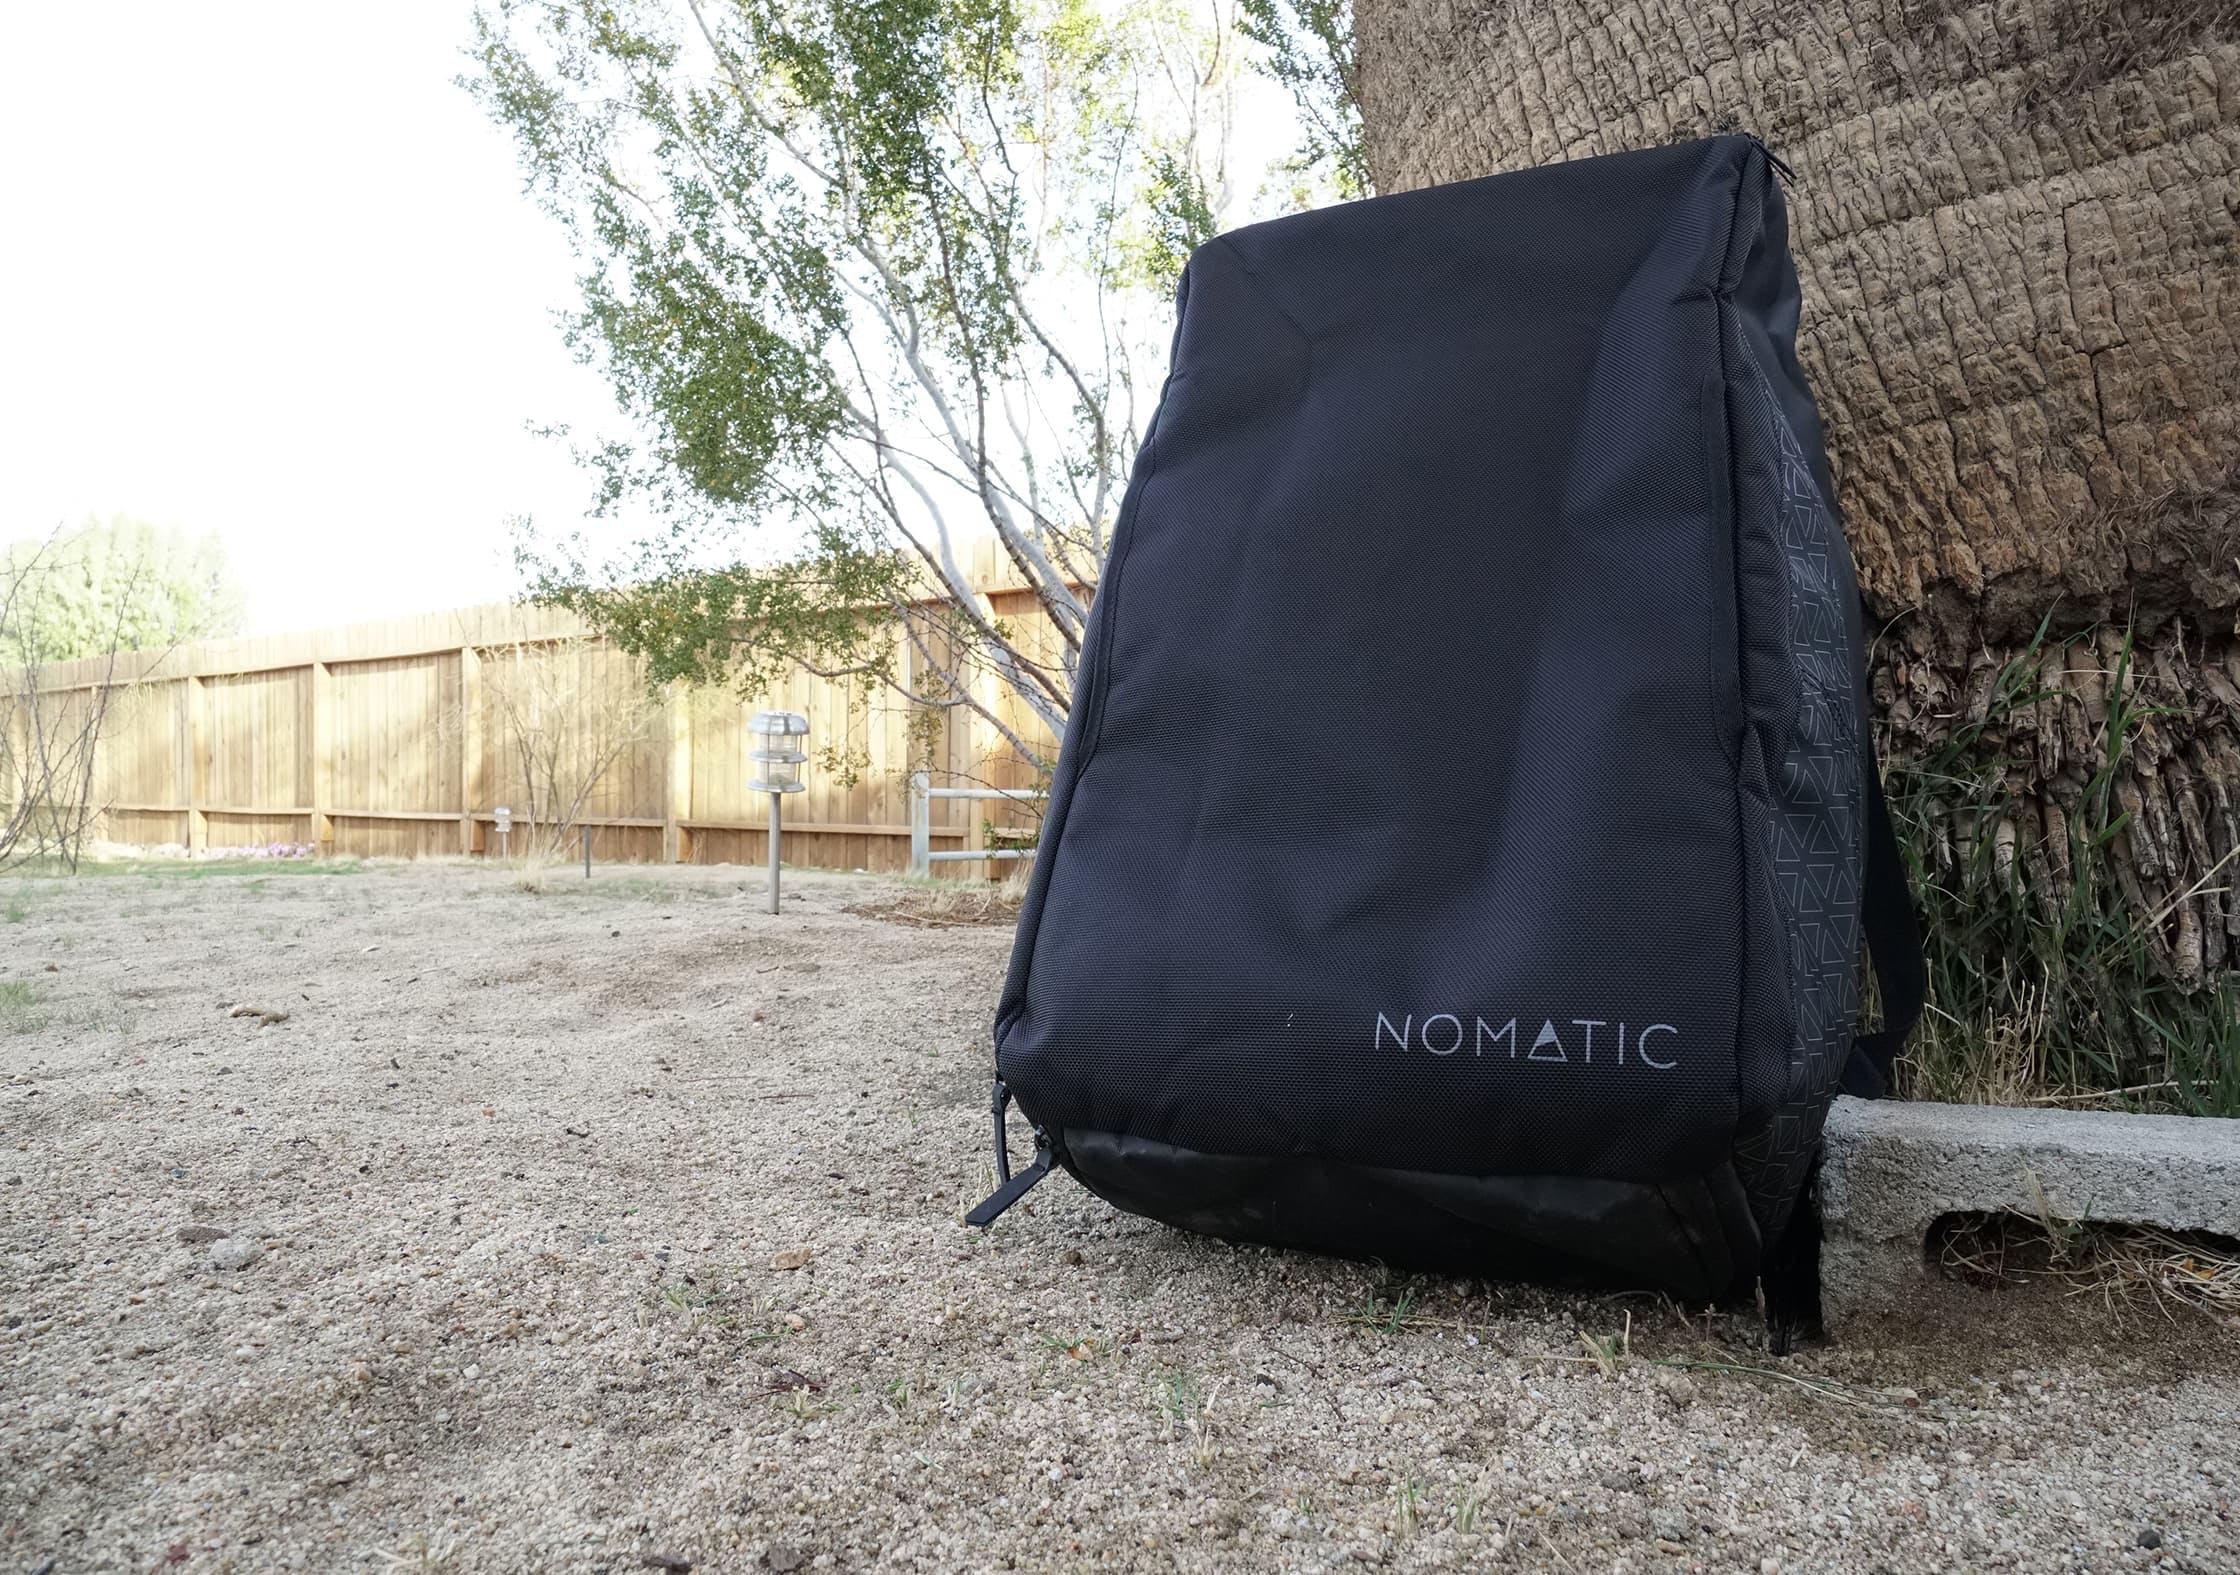 NOMATIC Travel Bag Branding